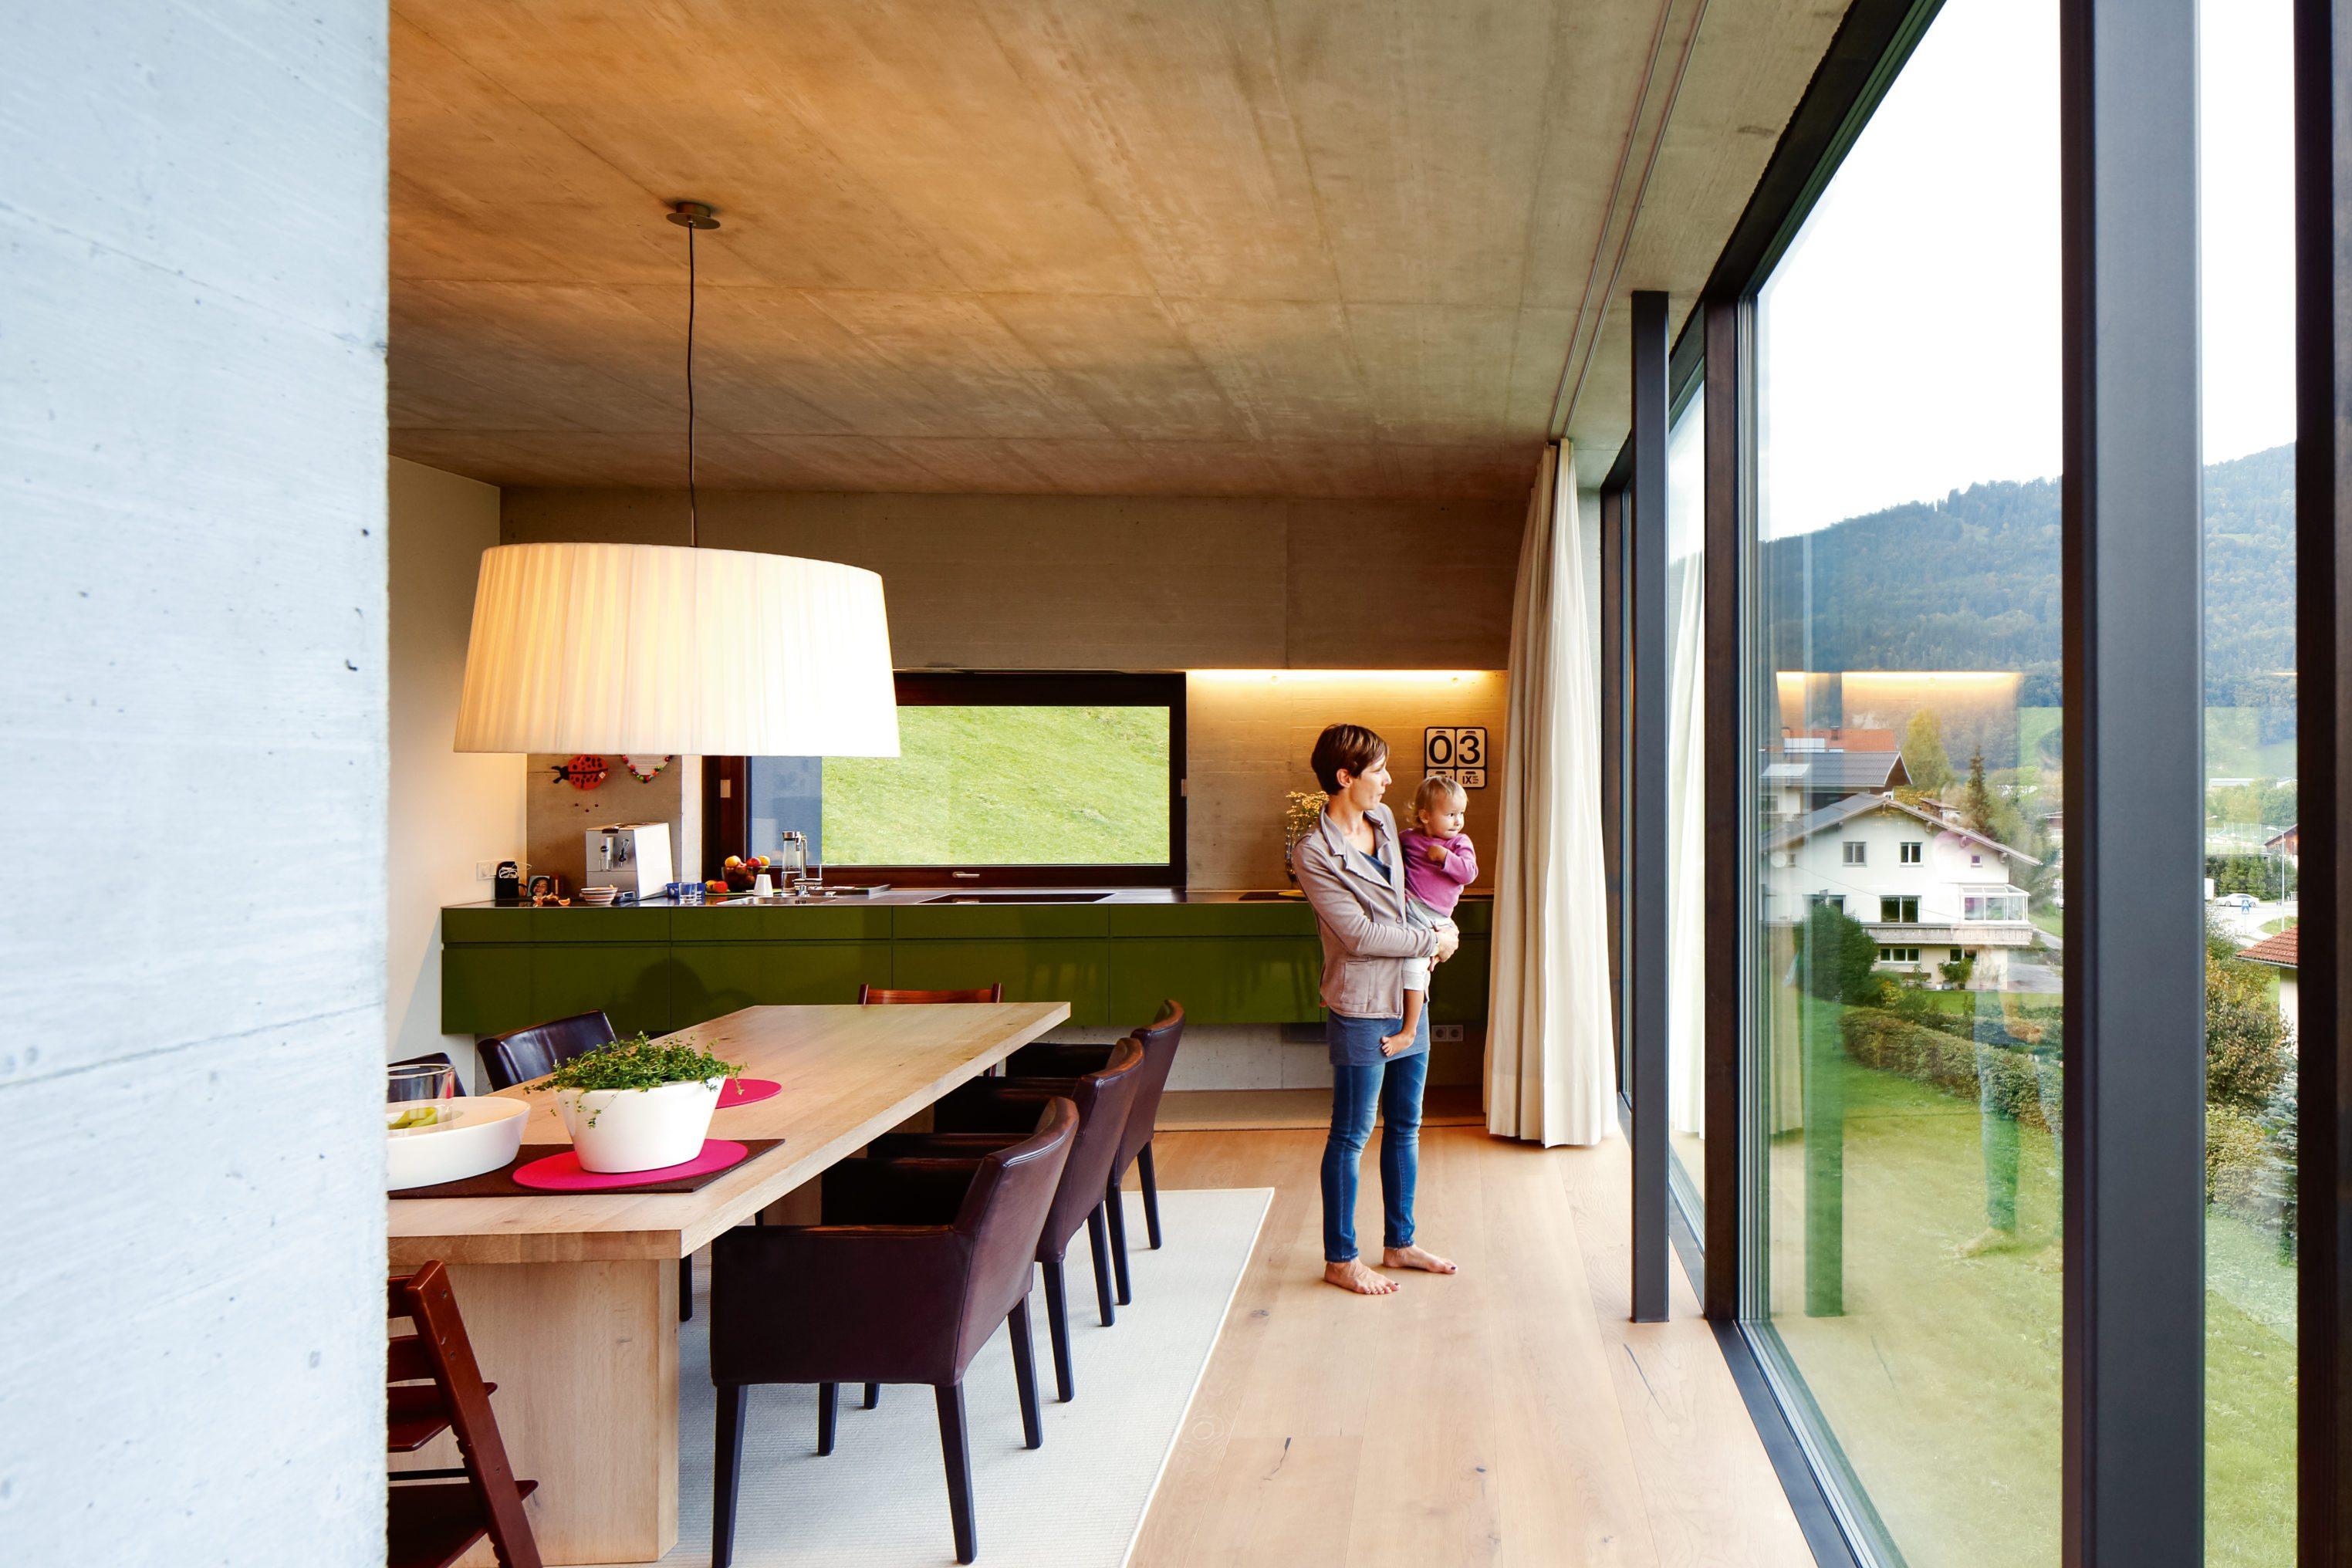 Neues Haus: Das reduzierte Wohnhaus der Familie Steurer - bau-kultur ...